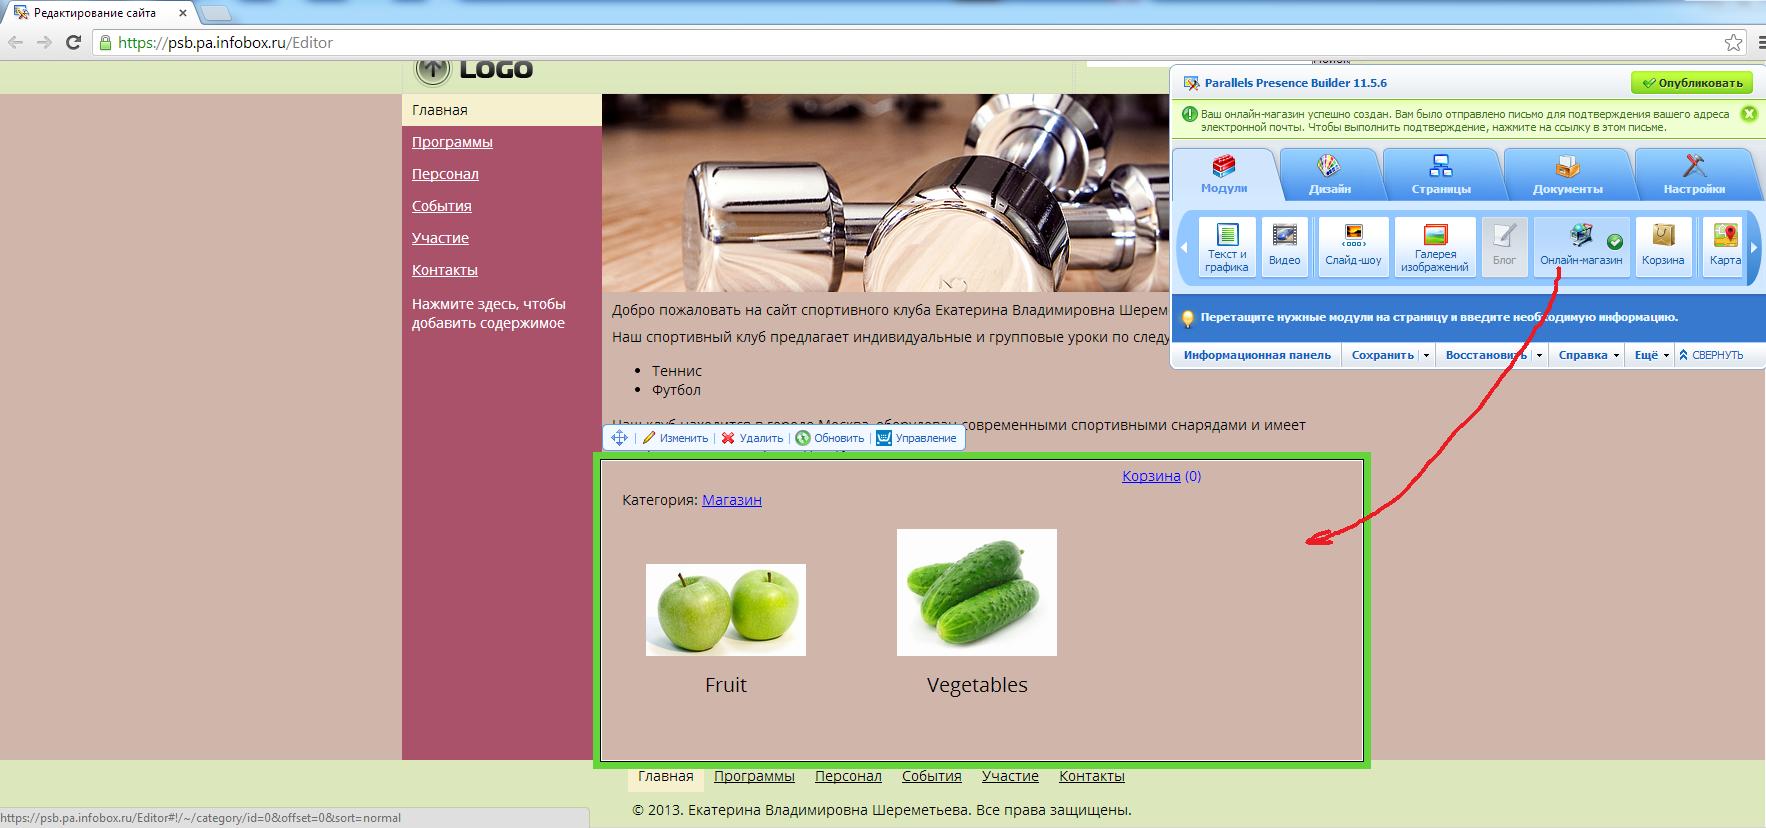 Скачать бесплатно parallels web presence builder 11